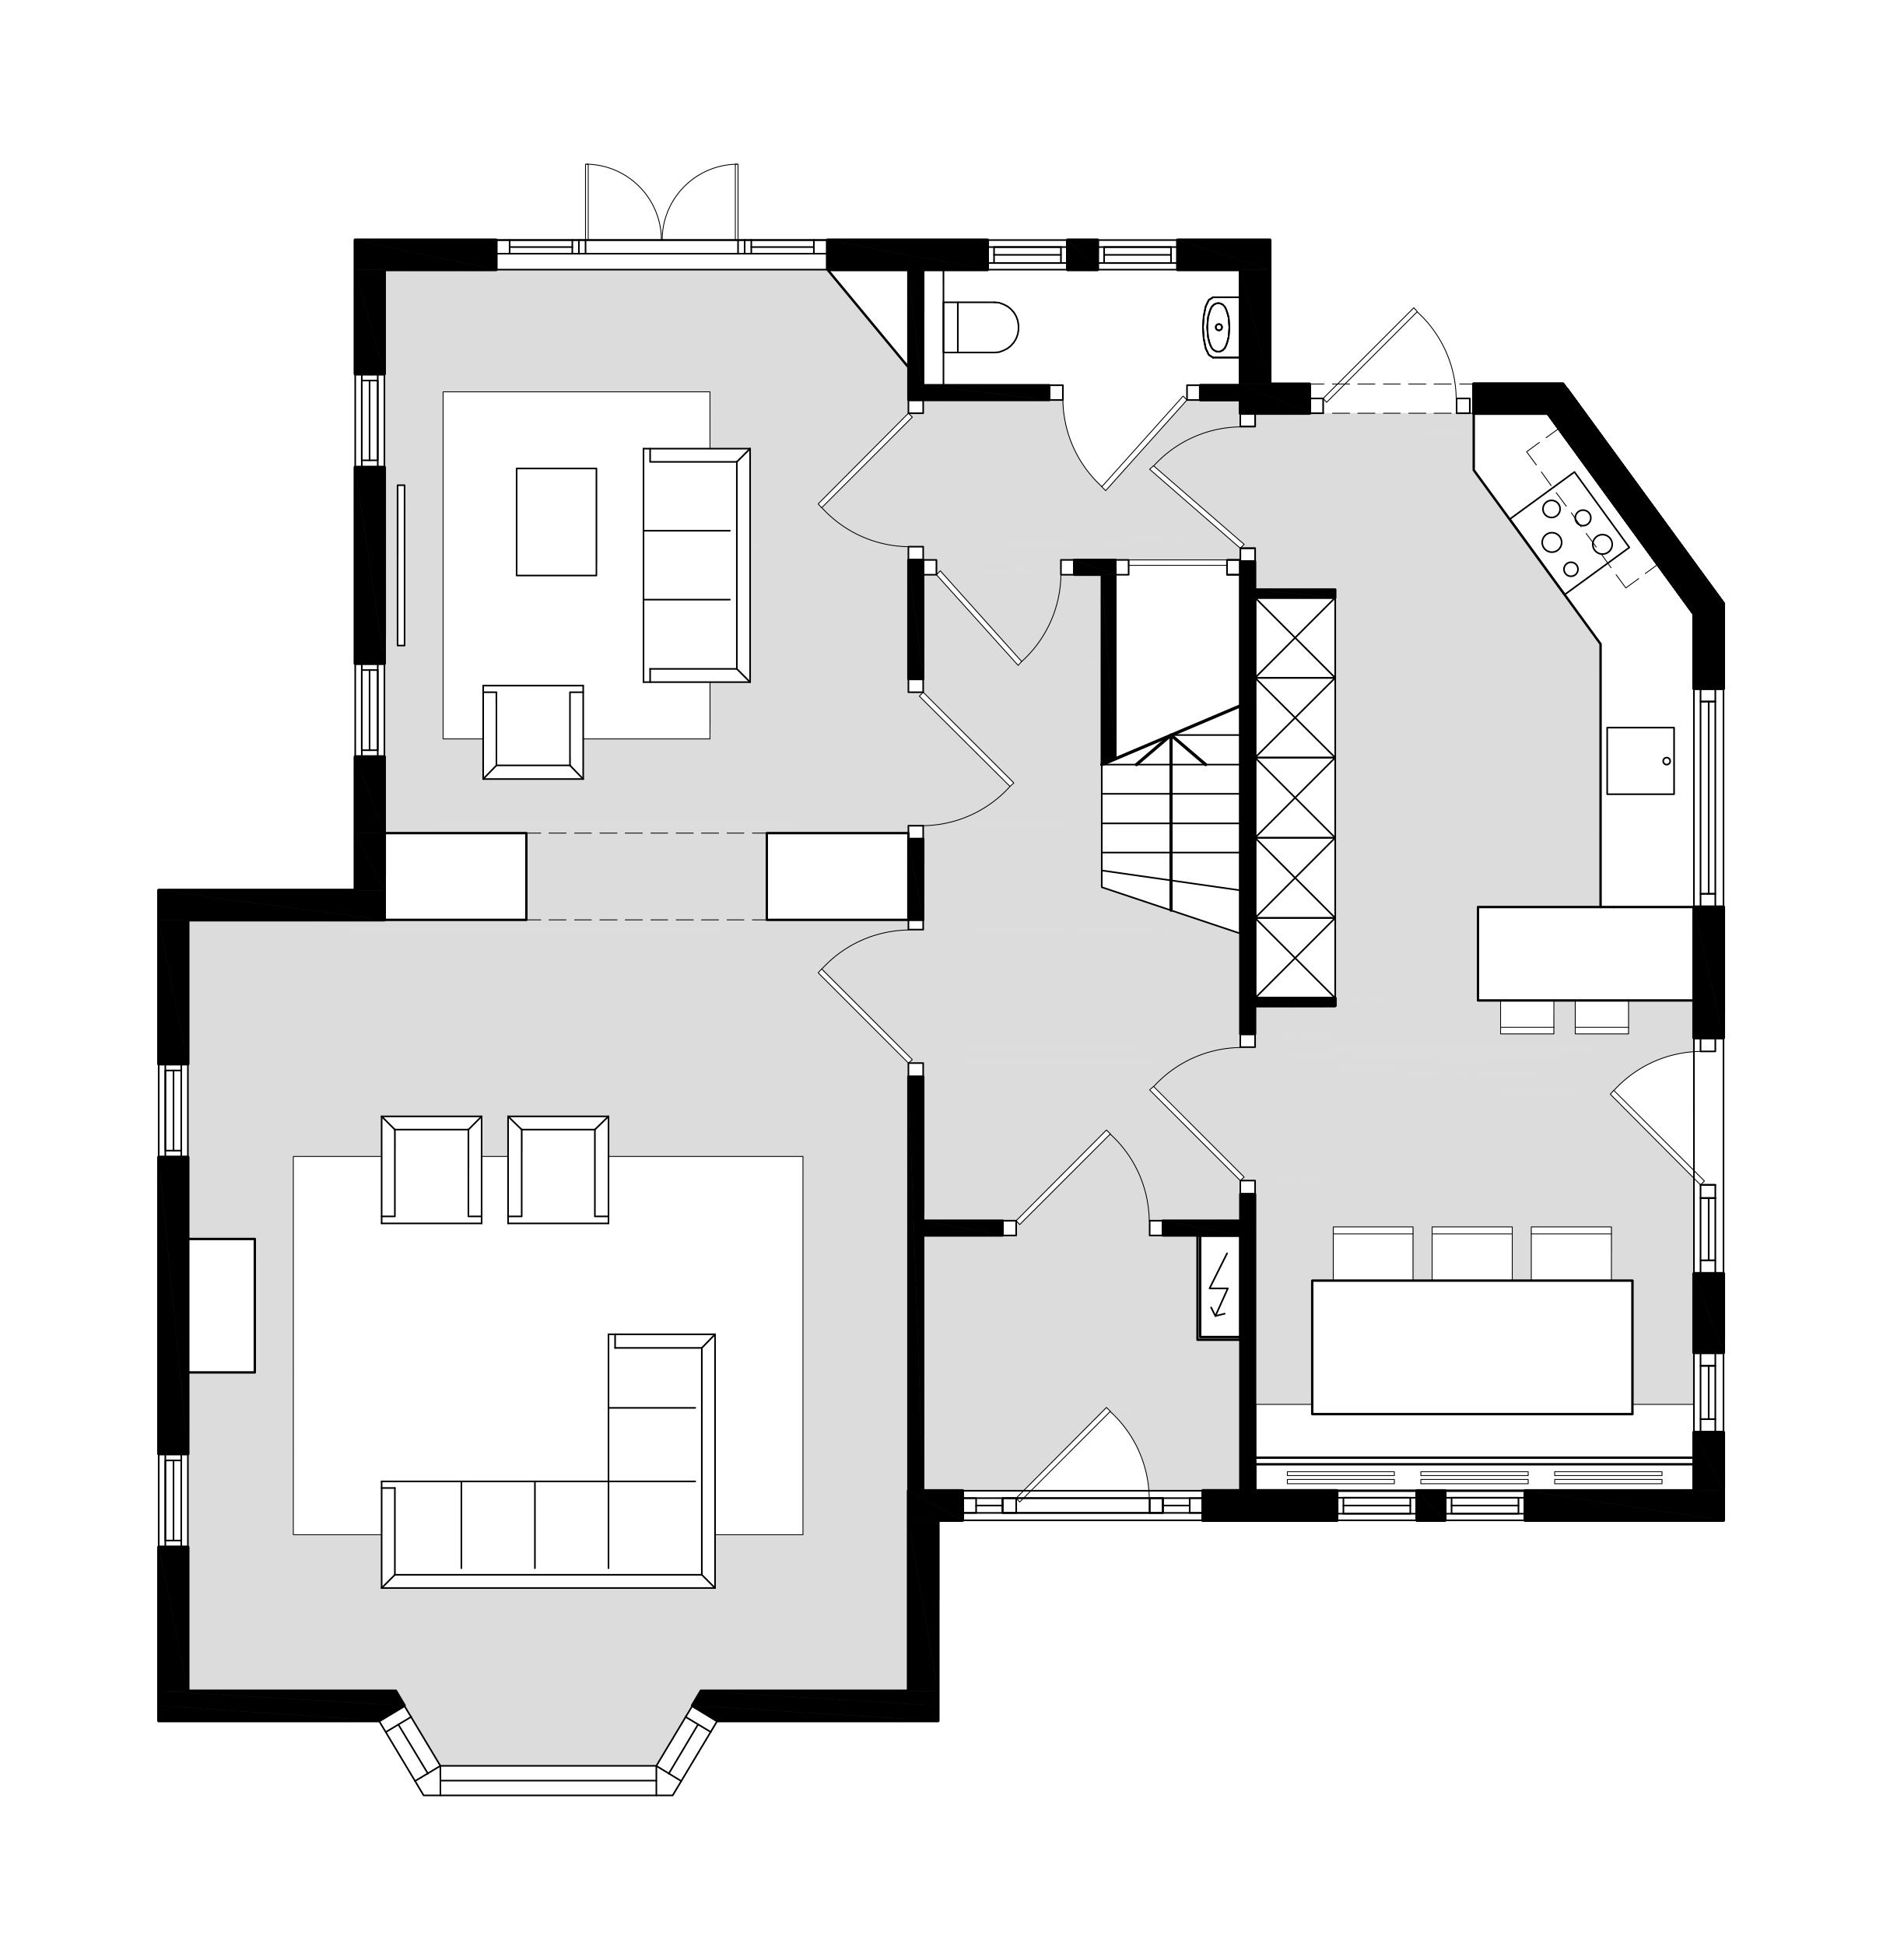 Keuken Ergonomie Afmetingen : in utrecht keuken keukens utrecht nieuwe keuken kopen eigenhuis